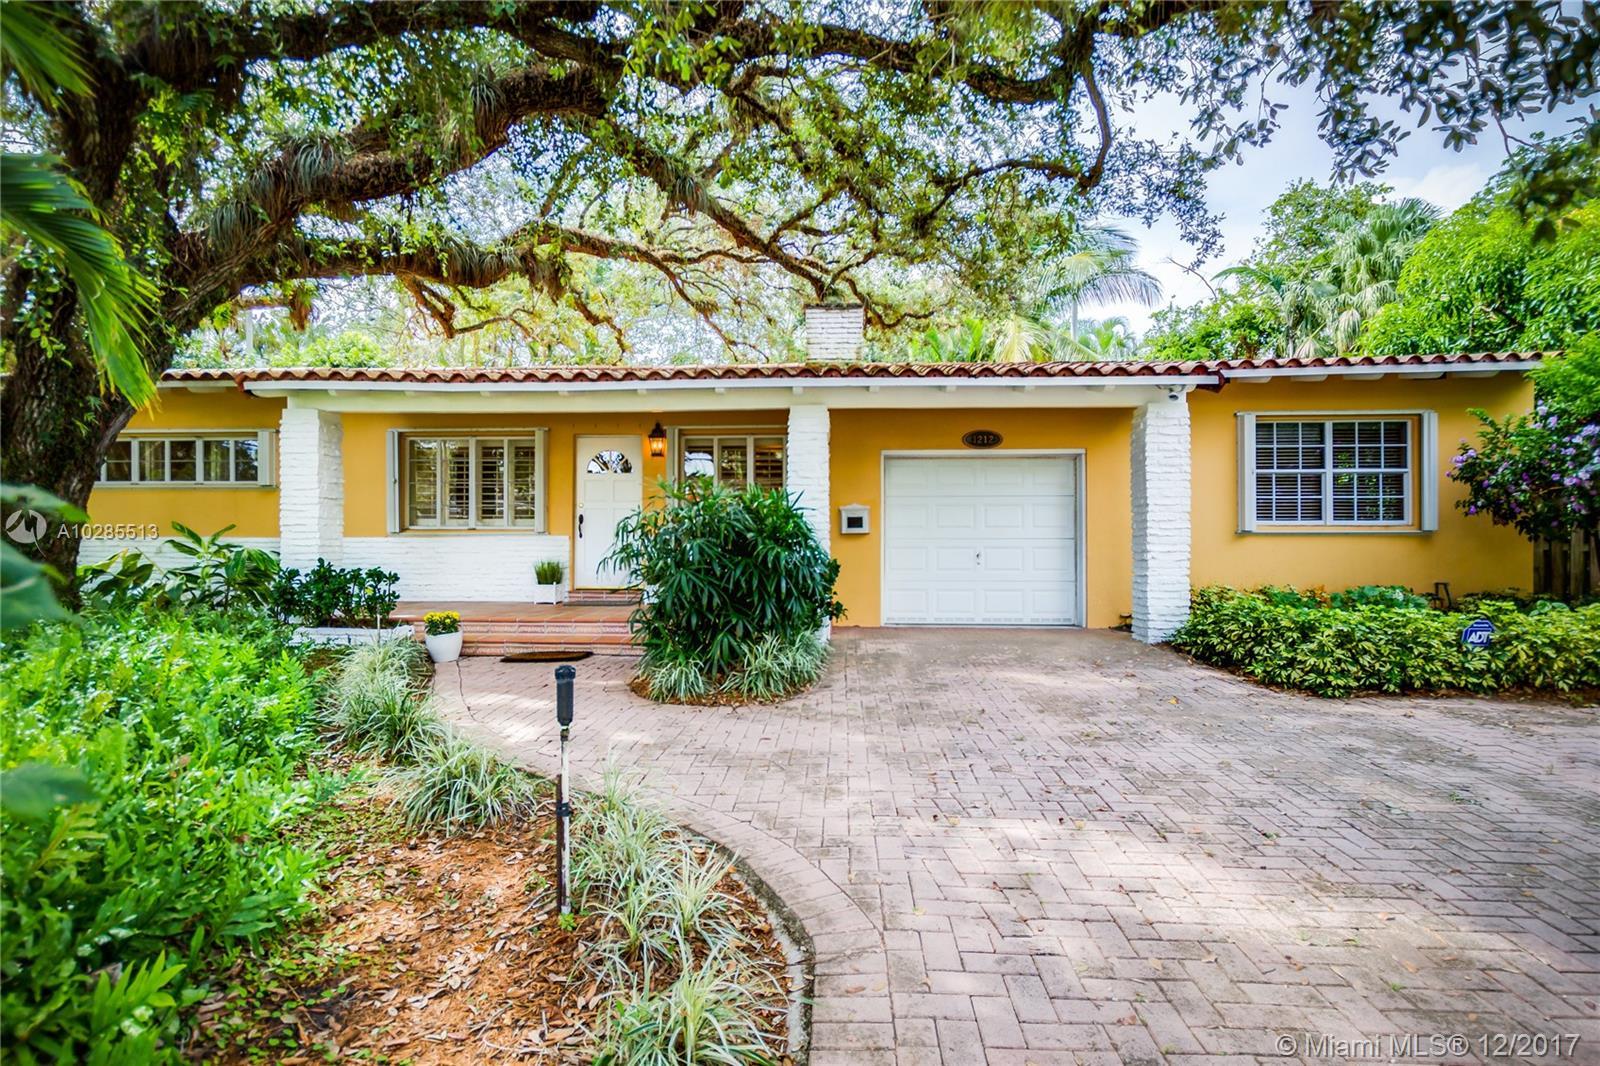 1212 S Alhambra Cir - Coral Gables, Florida